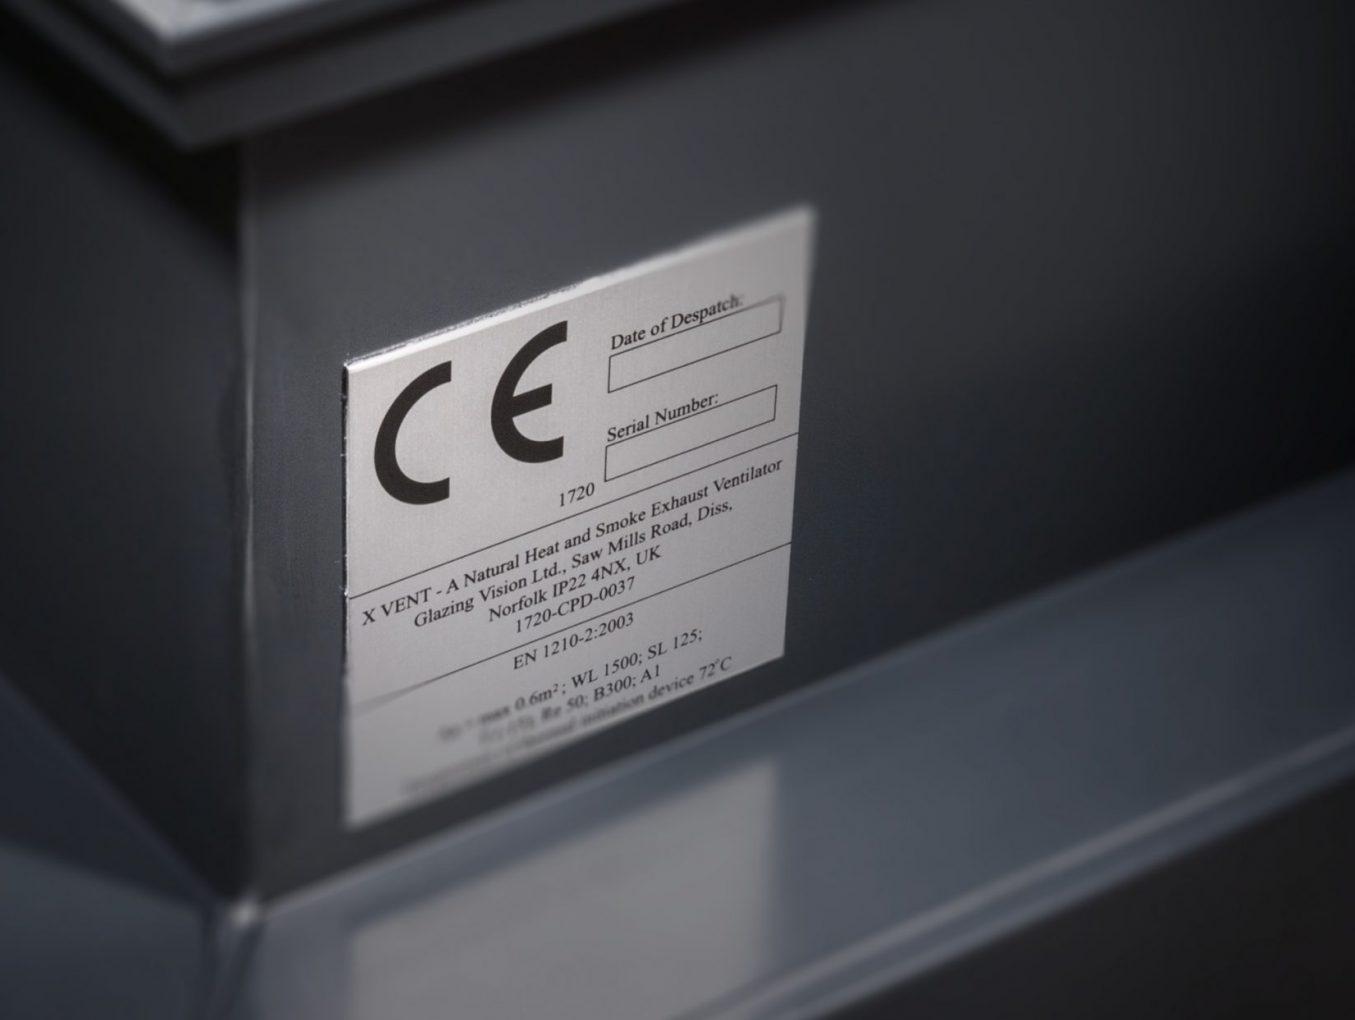 บทความ CE Mark : เครื่องหมายรับรองความปลอดภัยของ EU